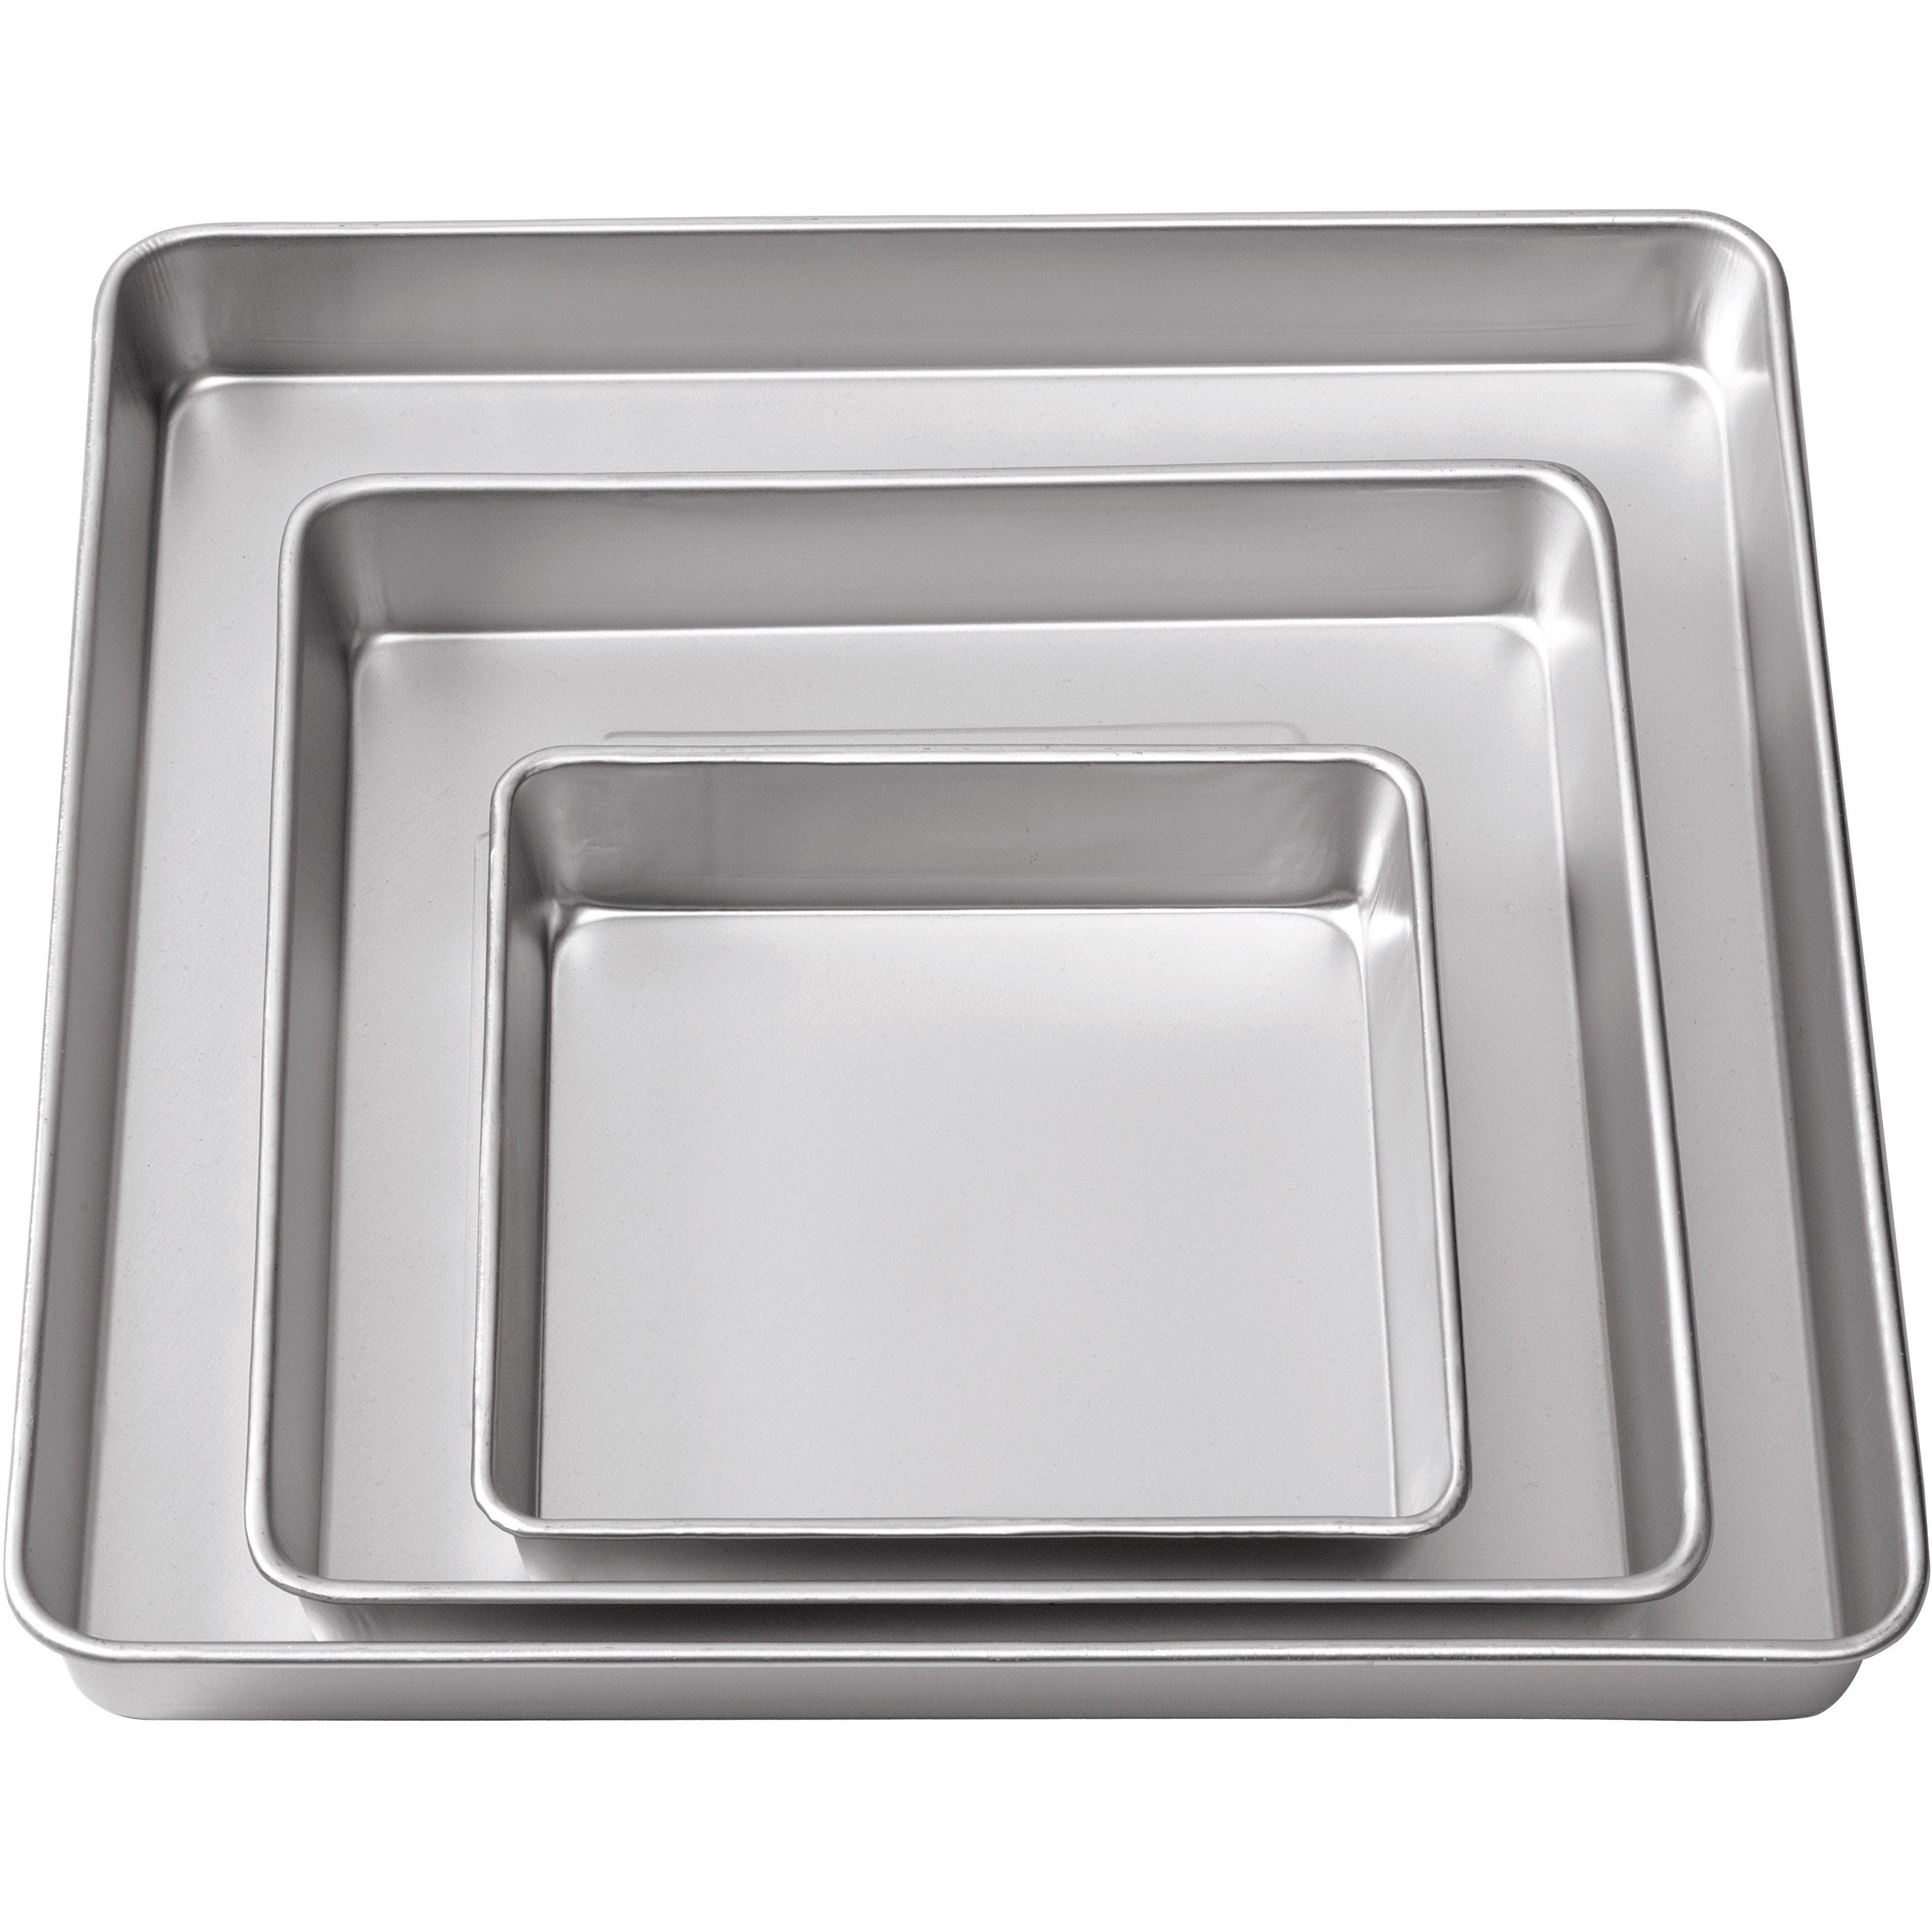 Shop Wilton 3-tier Square Cake Pan Set (Pack of 3 Pans) - Free ...